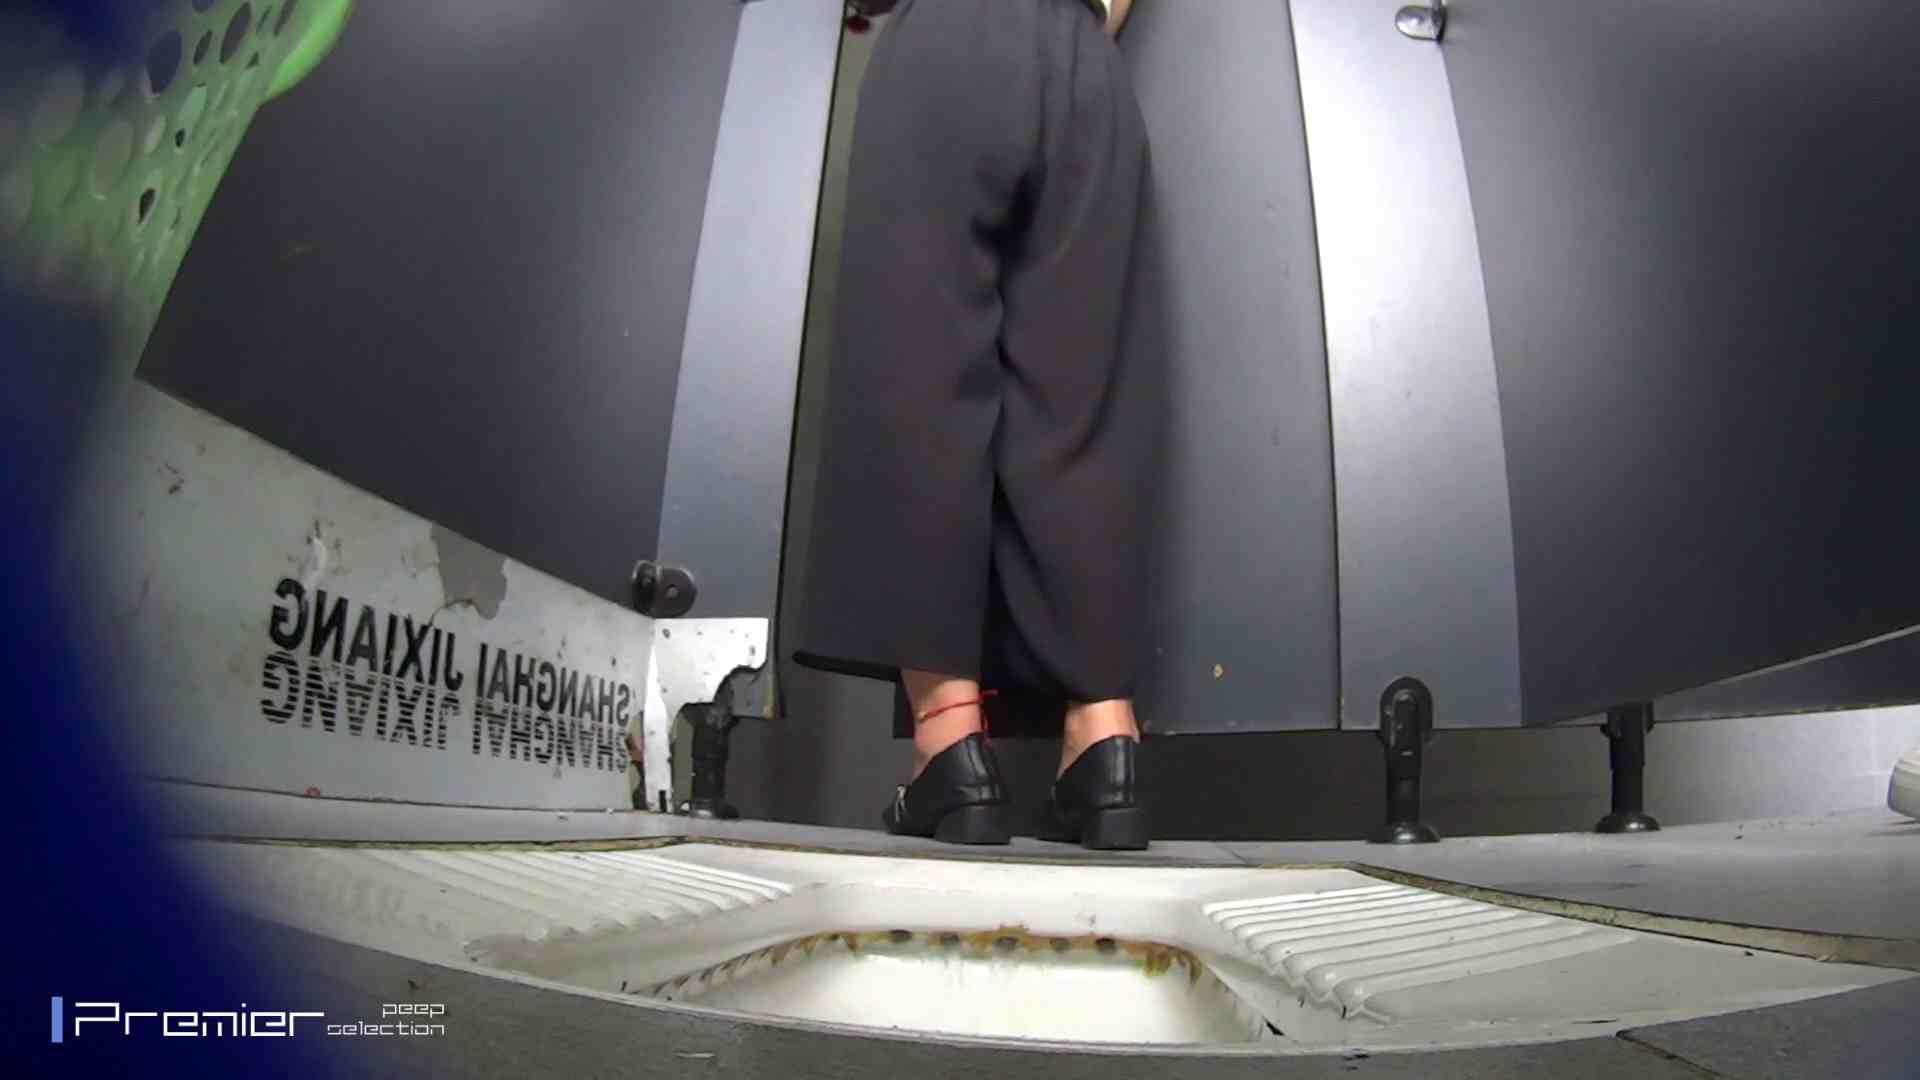 夏全開!ハーフパンツのギャル達 大学休憩時間の洗面所事情44 盗撮 のぞき動画画像 70PIX 16